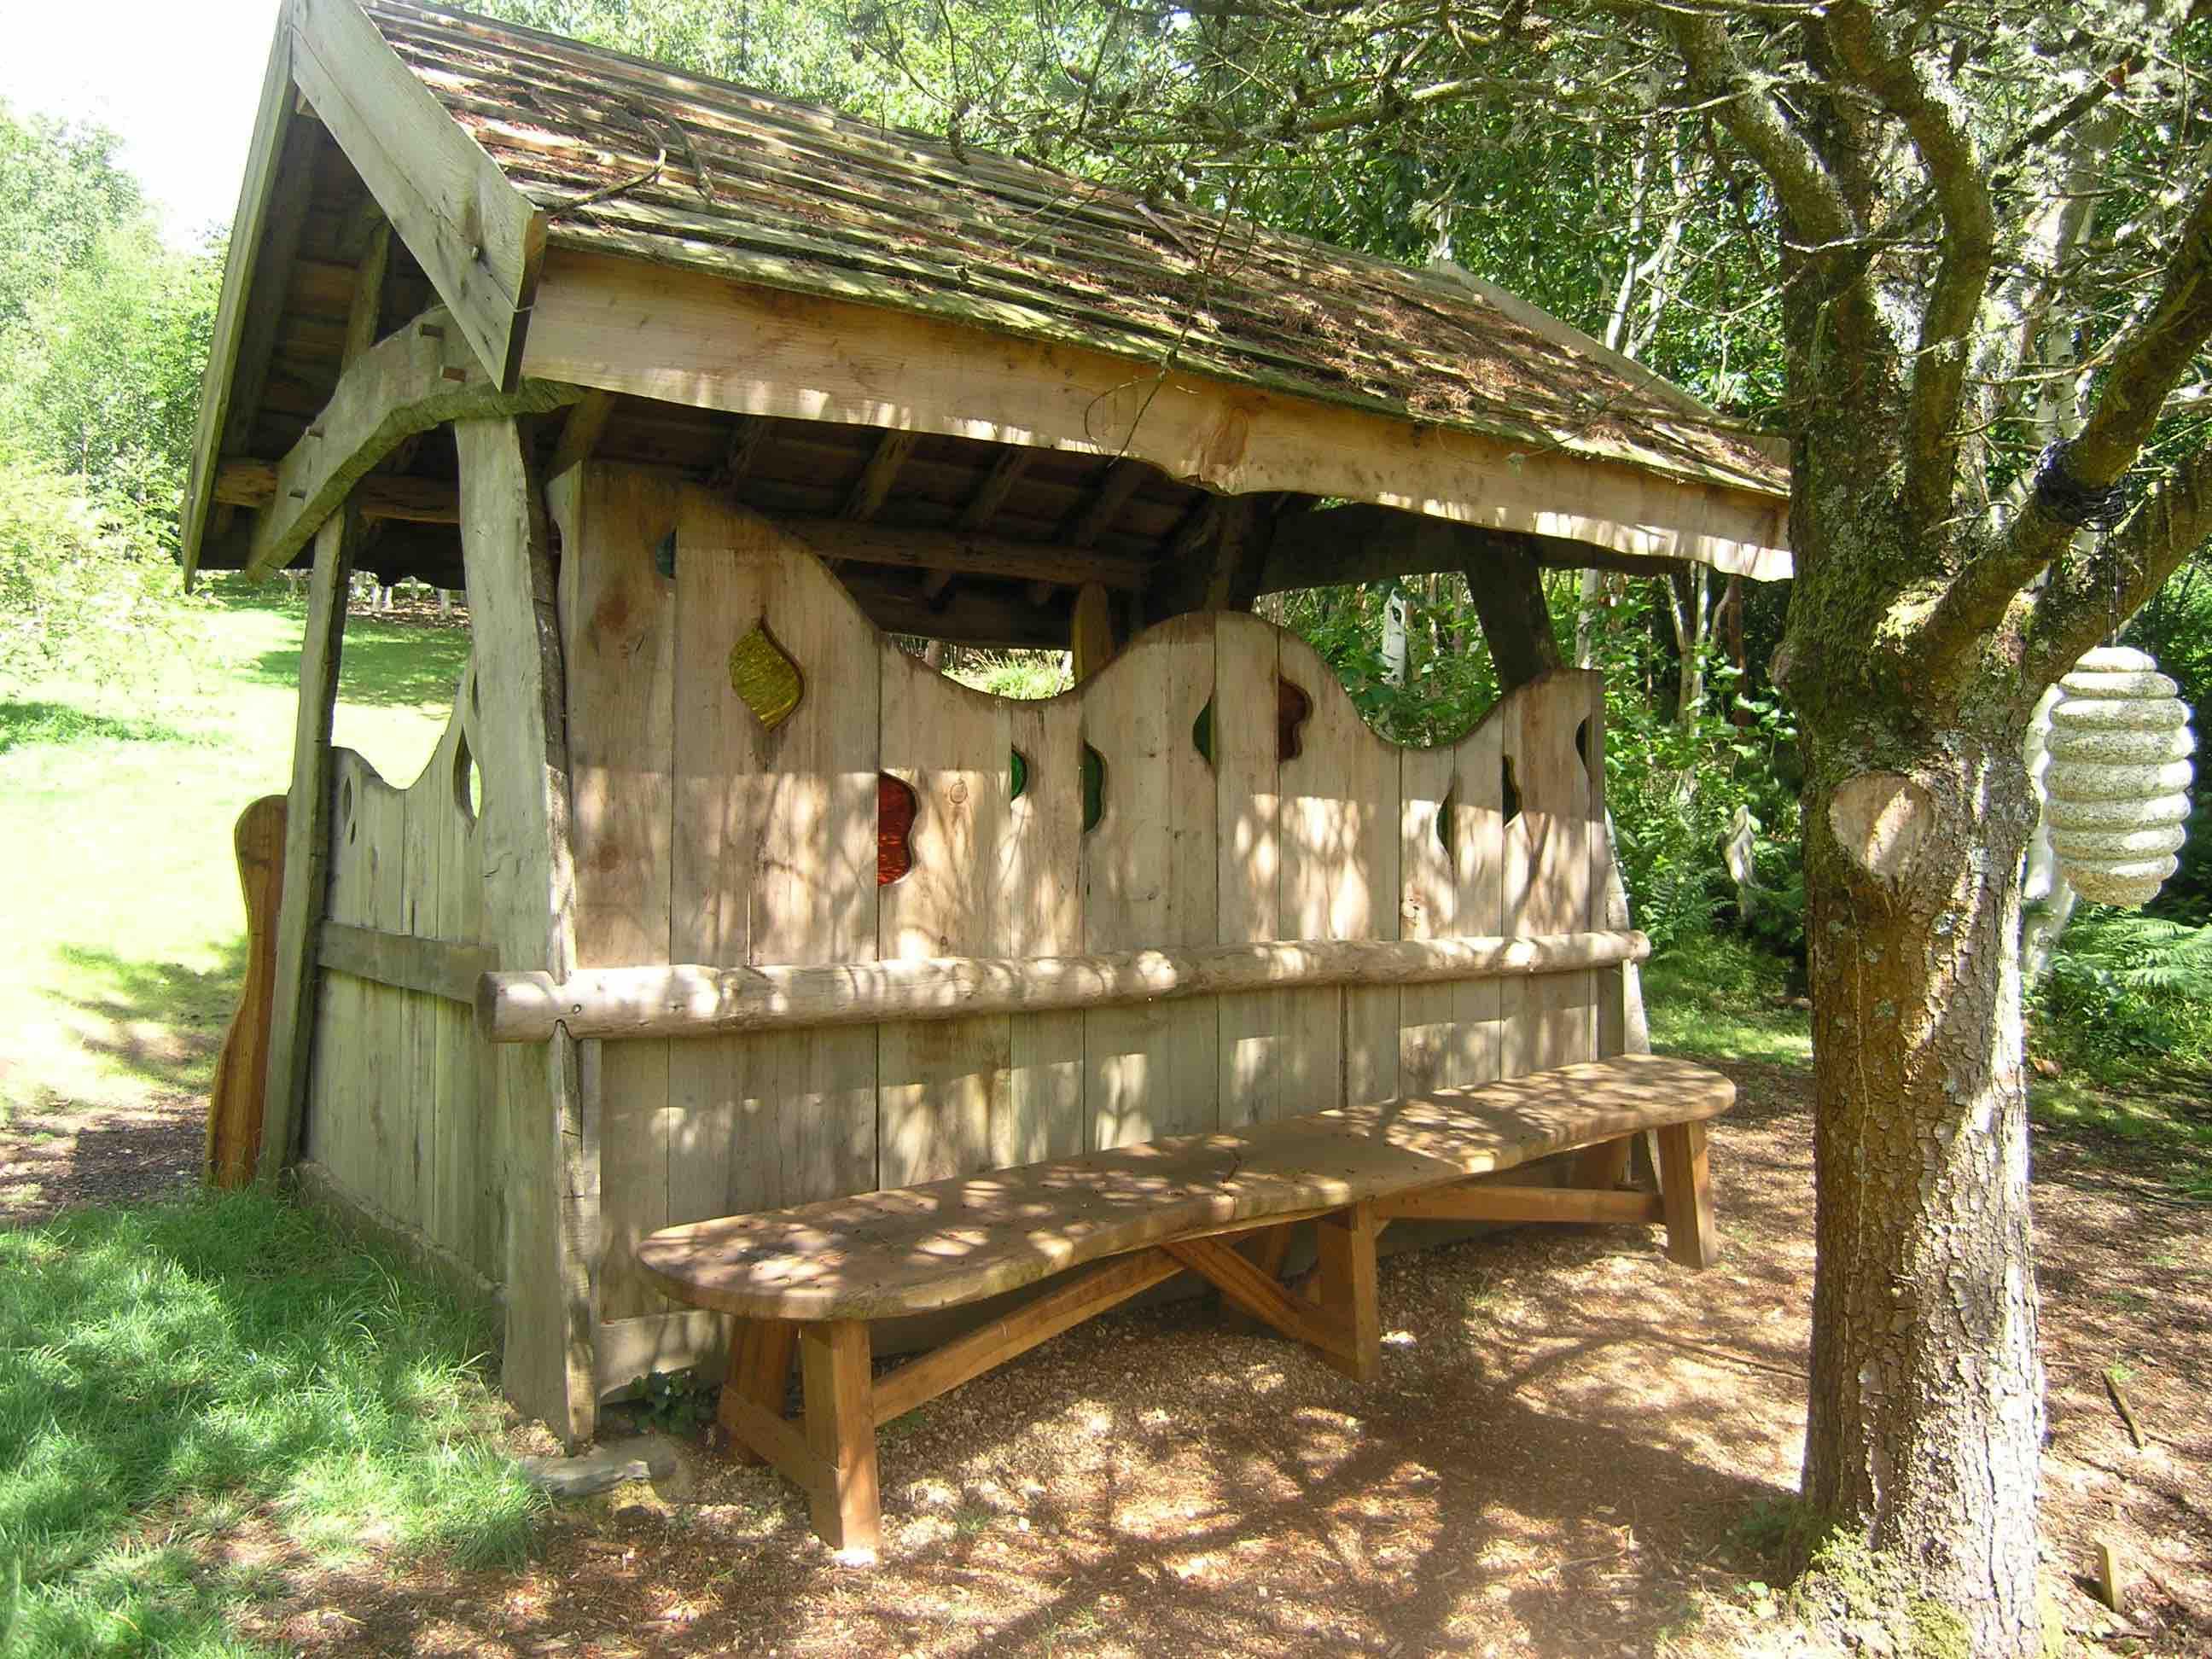 Mythic Sculpture Garden